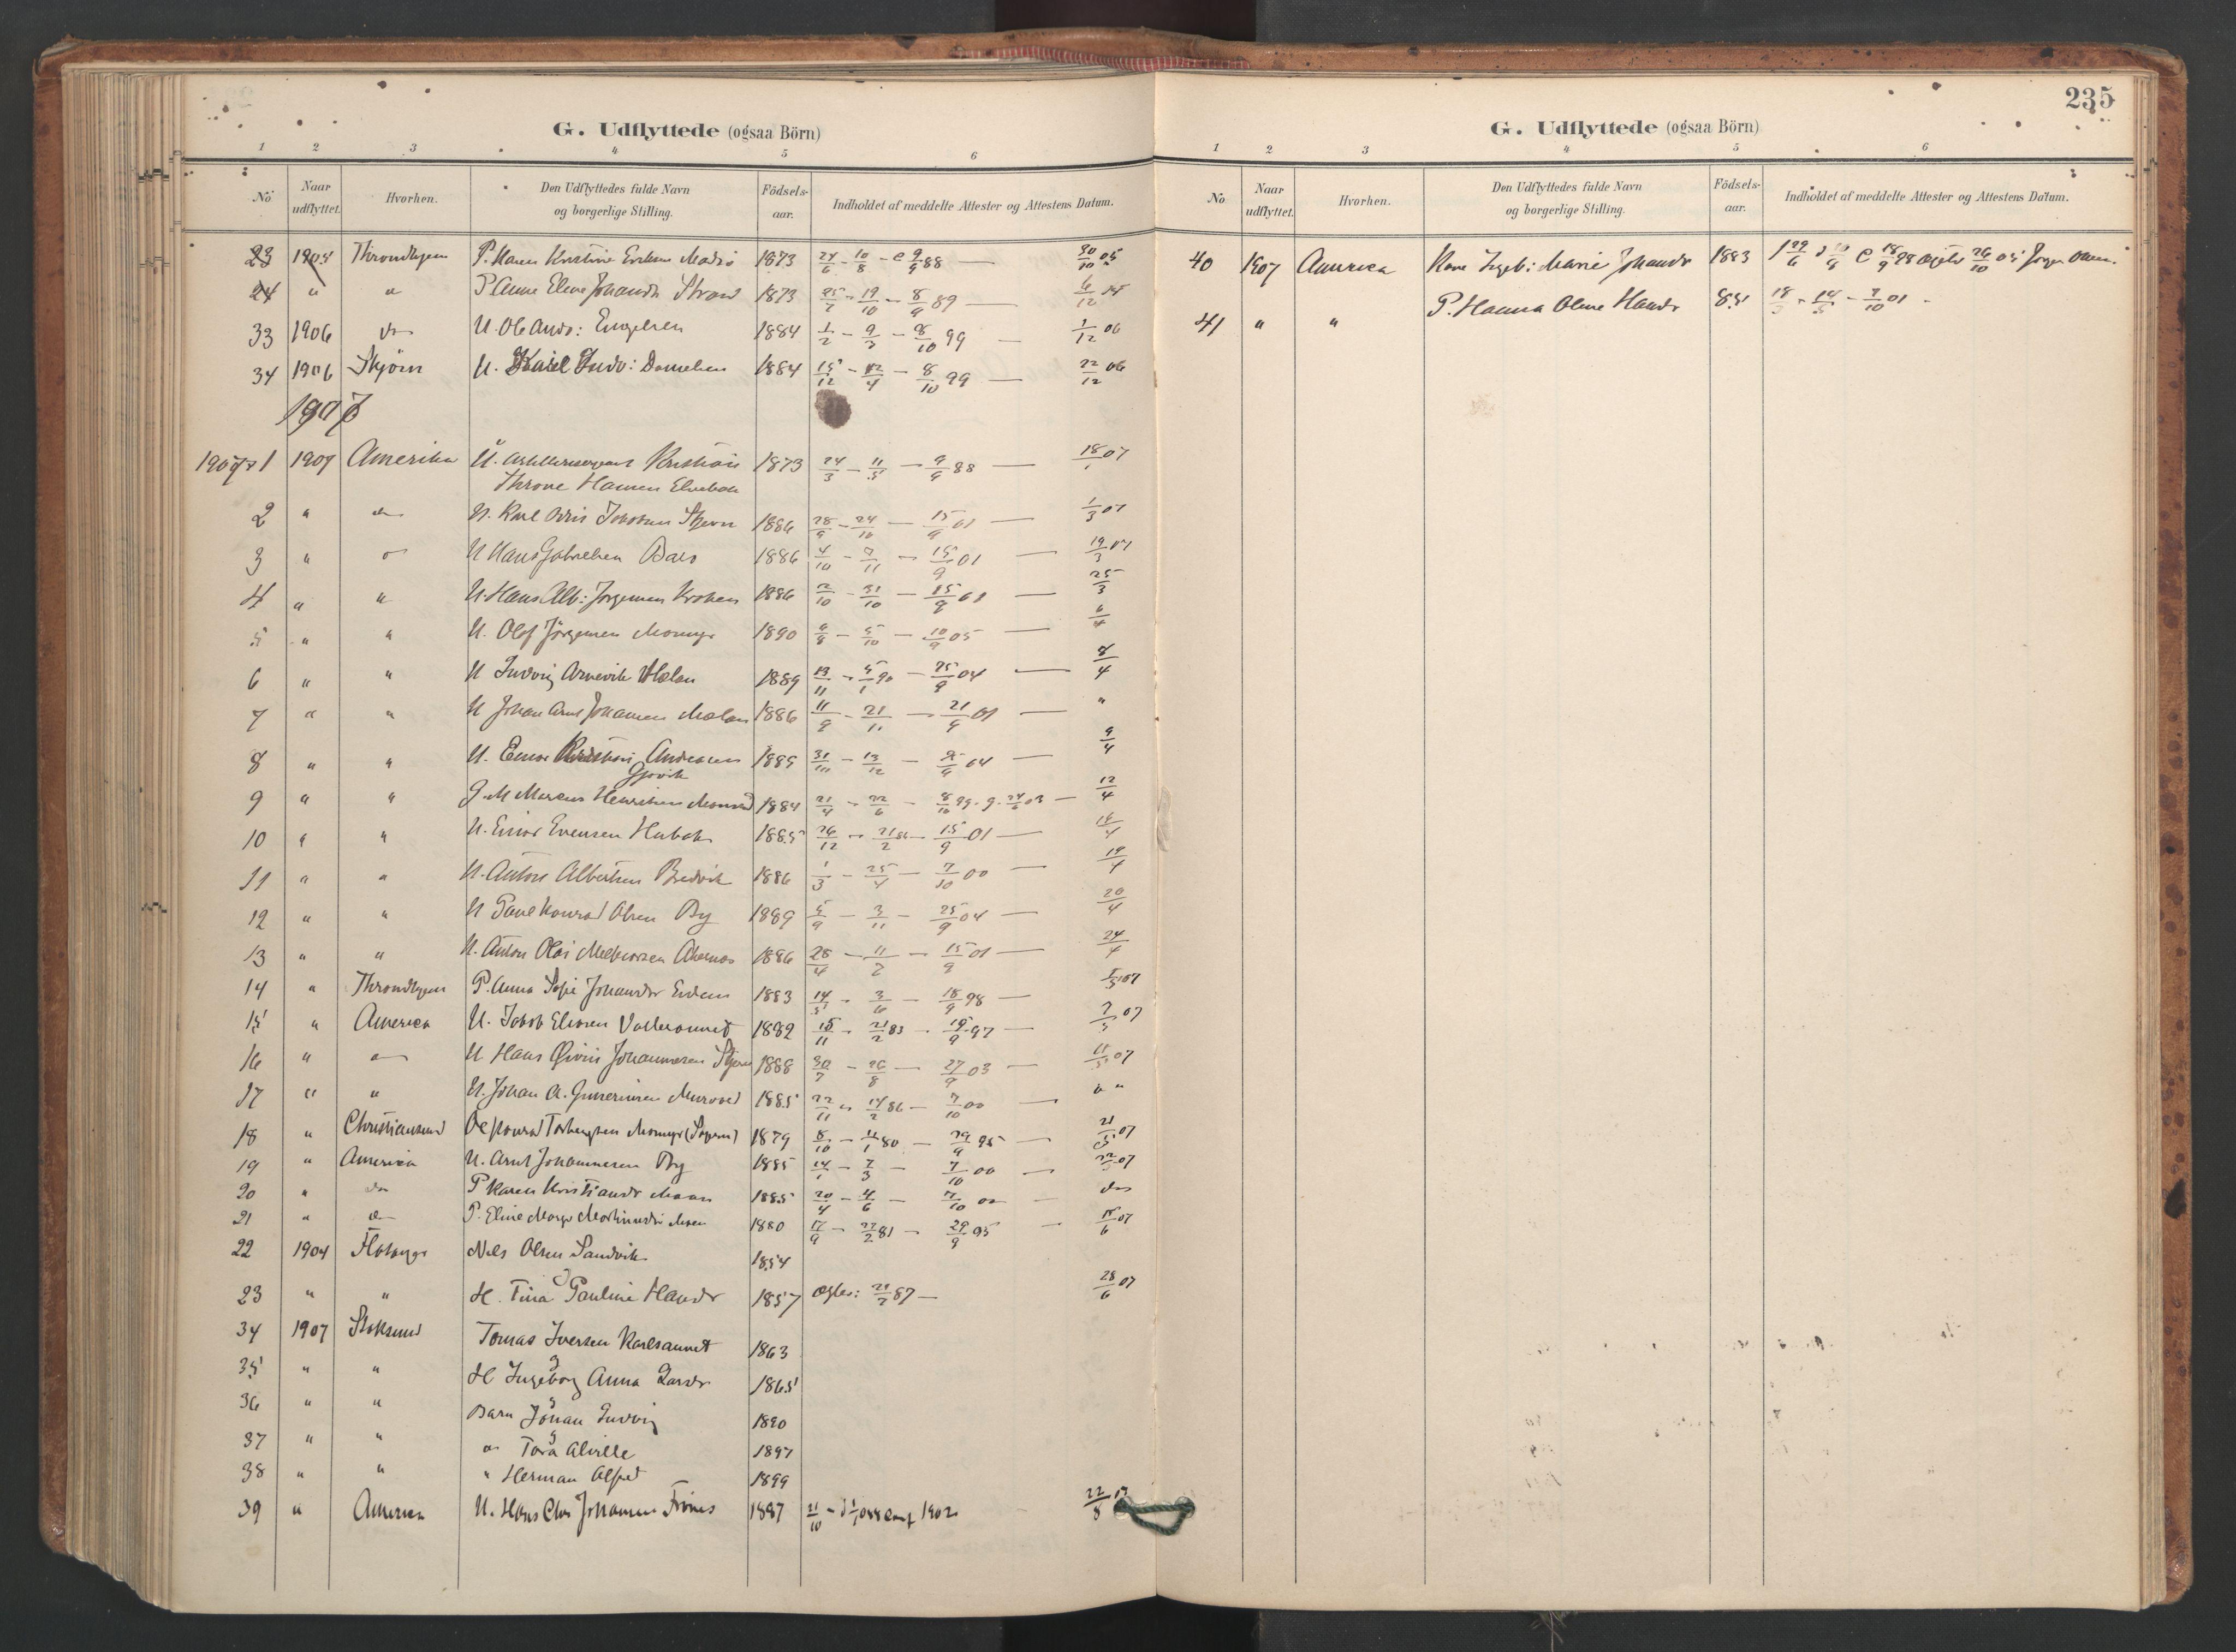 SAT, Ministerialprotokoller, klokkerbøker og fødselsregistre - Sør-Trøndelag, 655/L0681: Ministerialbok nr. 655A10, 1895-1907, s. 235